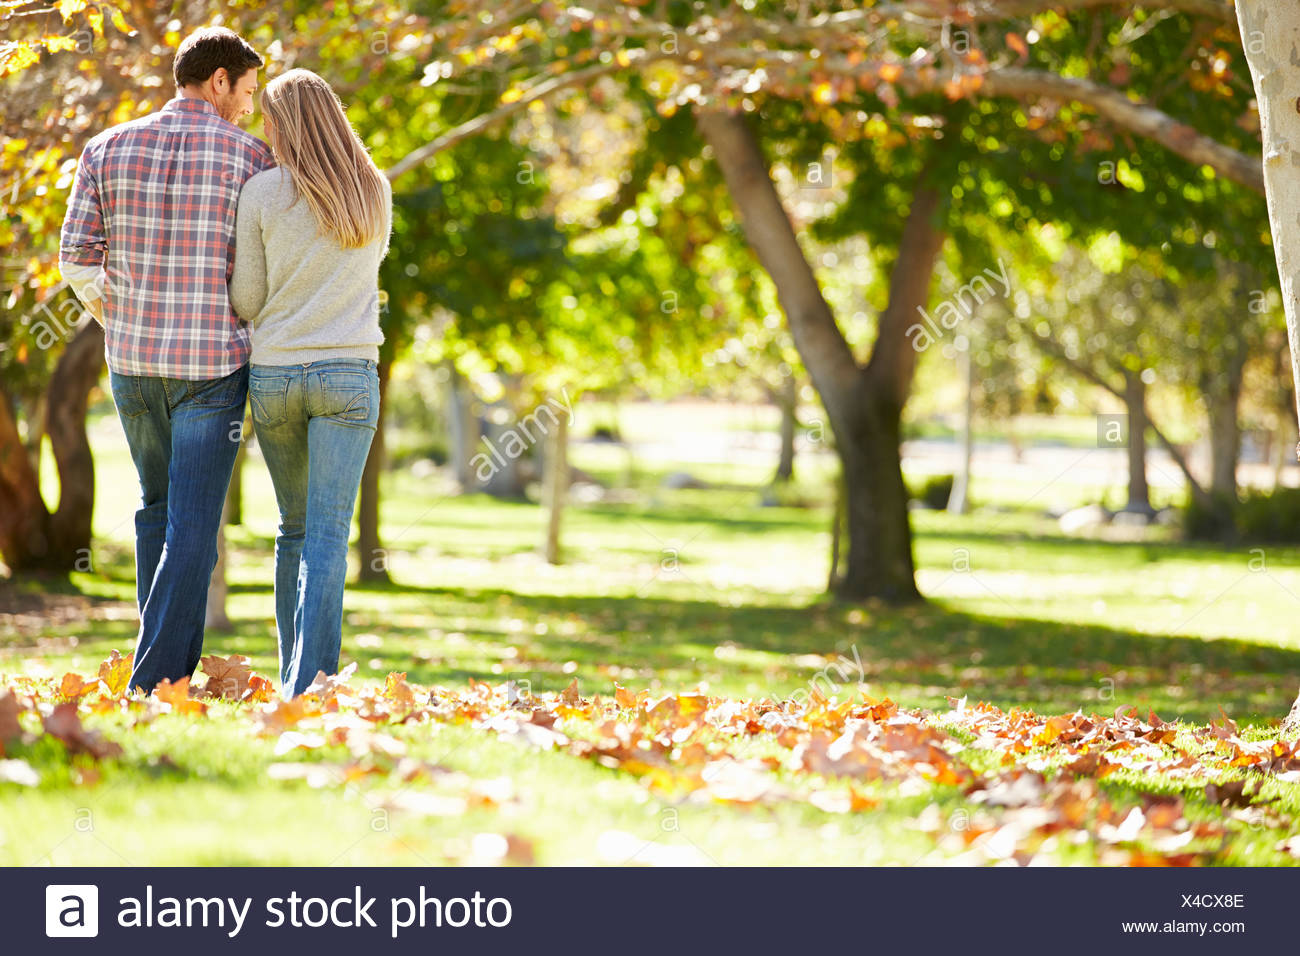 Vue arrière du couple romantique marche à travers bois d'automne Photo Stock